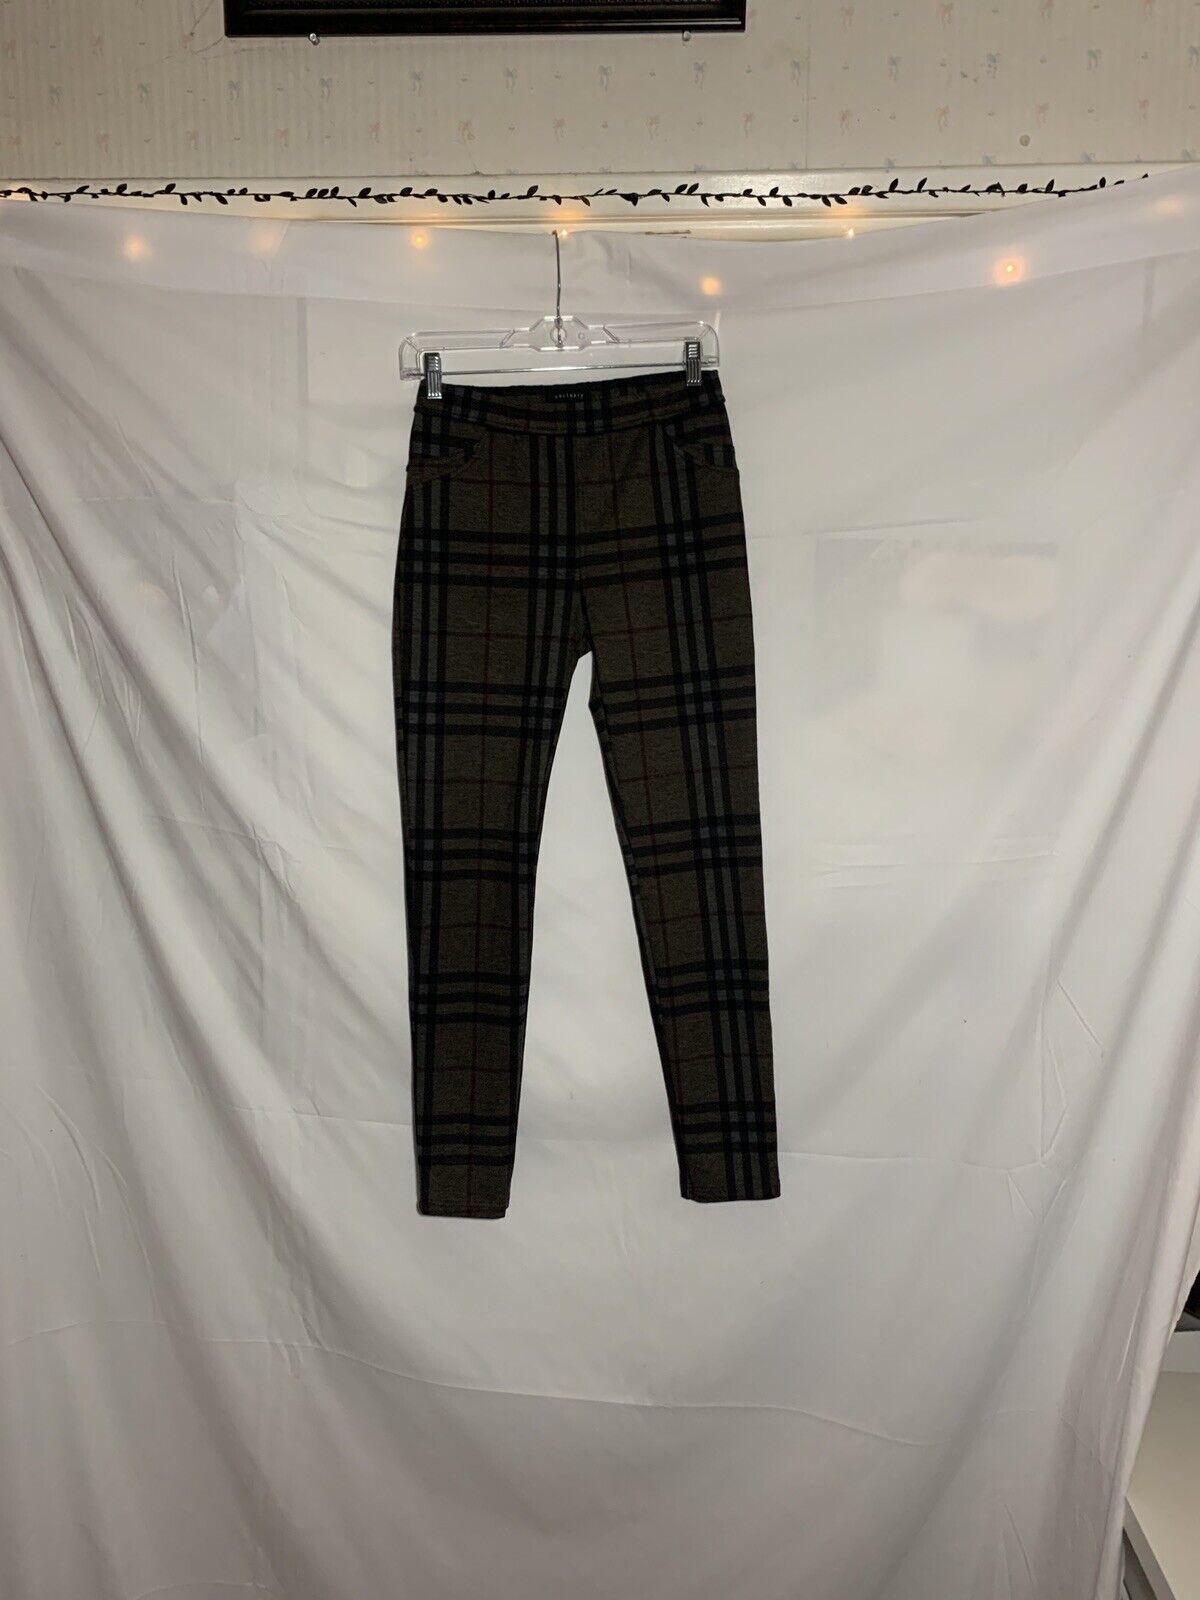 Sanctuary Olive Green Plaid Pants Size M - image 3